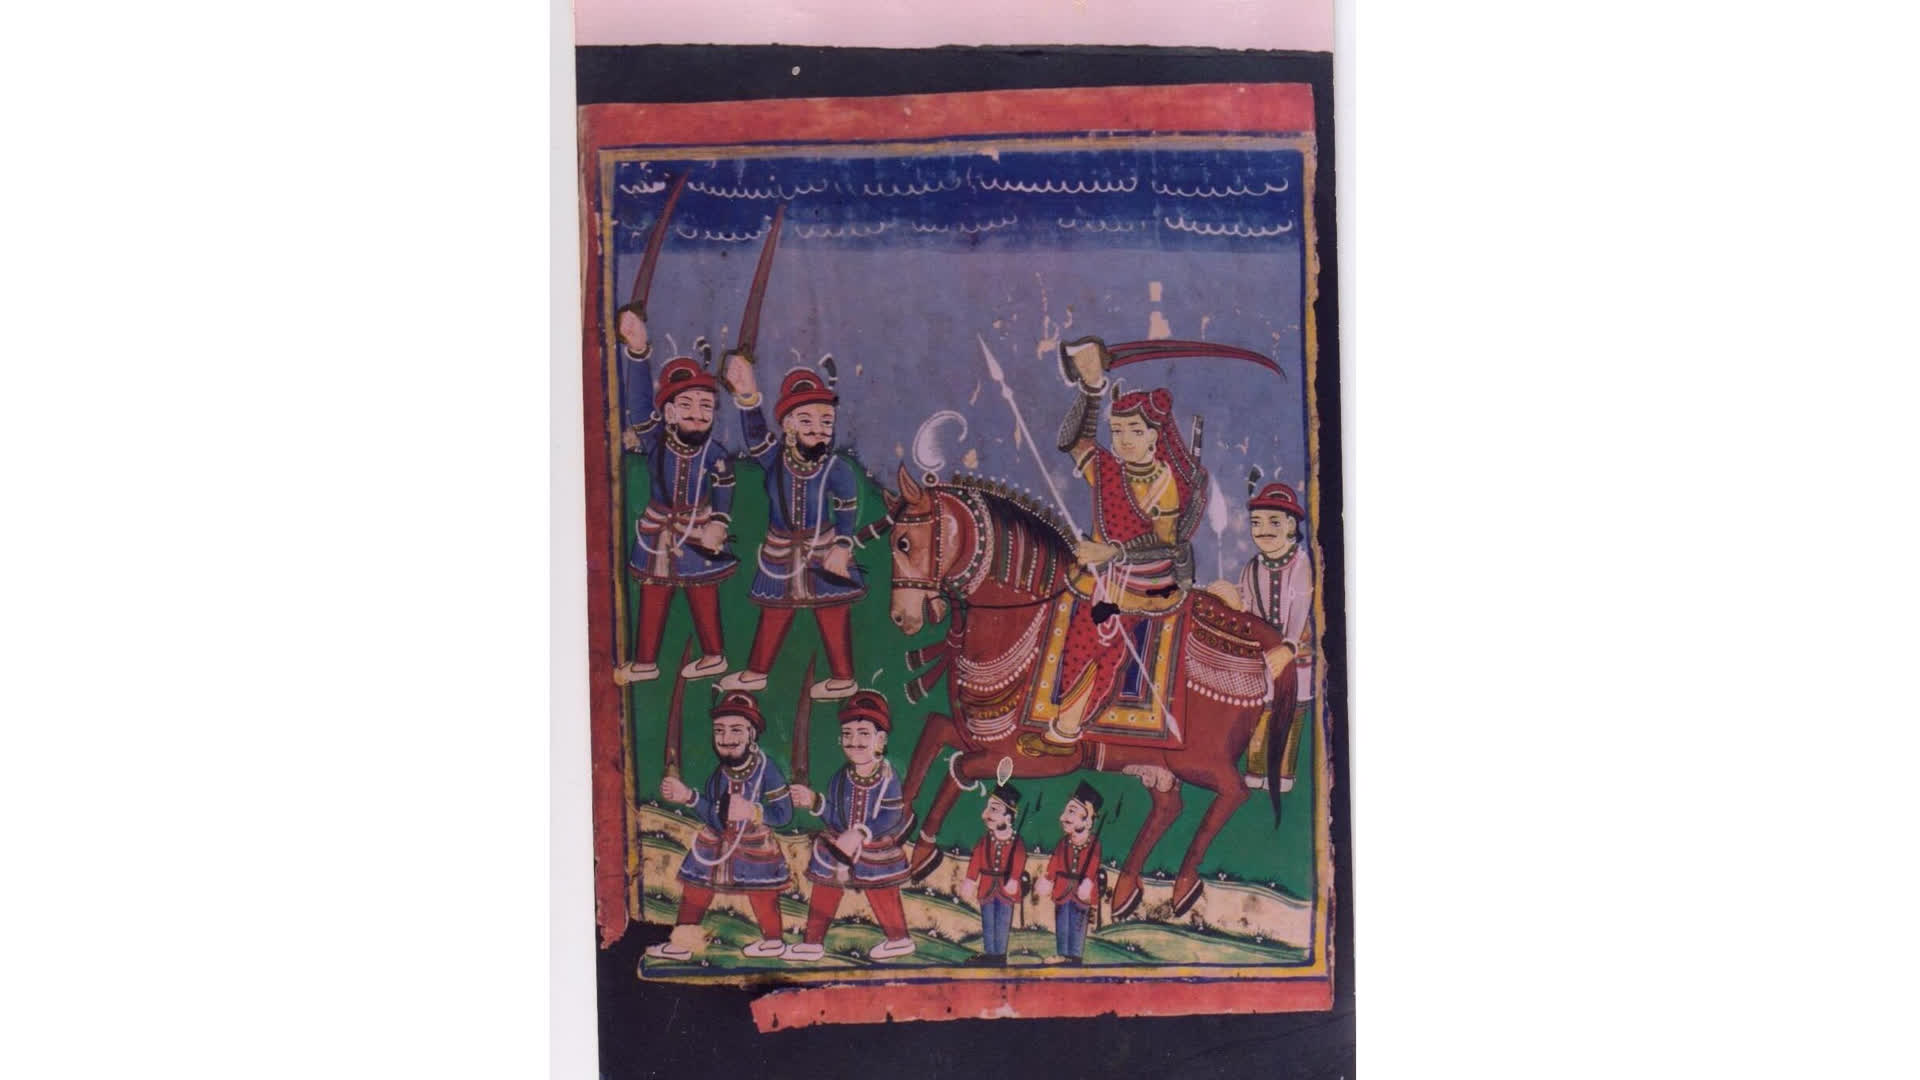 सुखलाल: झाँसी की रानी के दरबारी चित्रकार